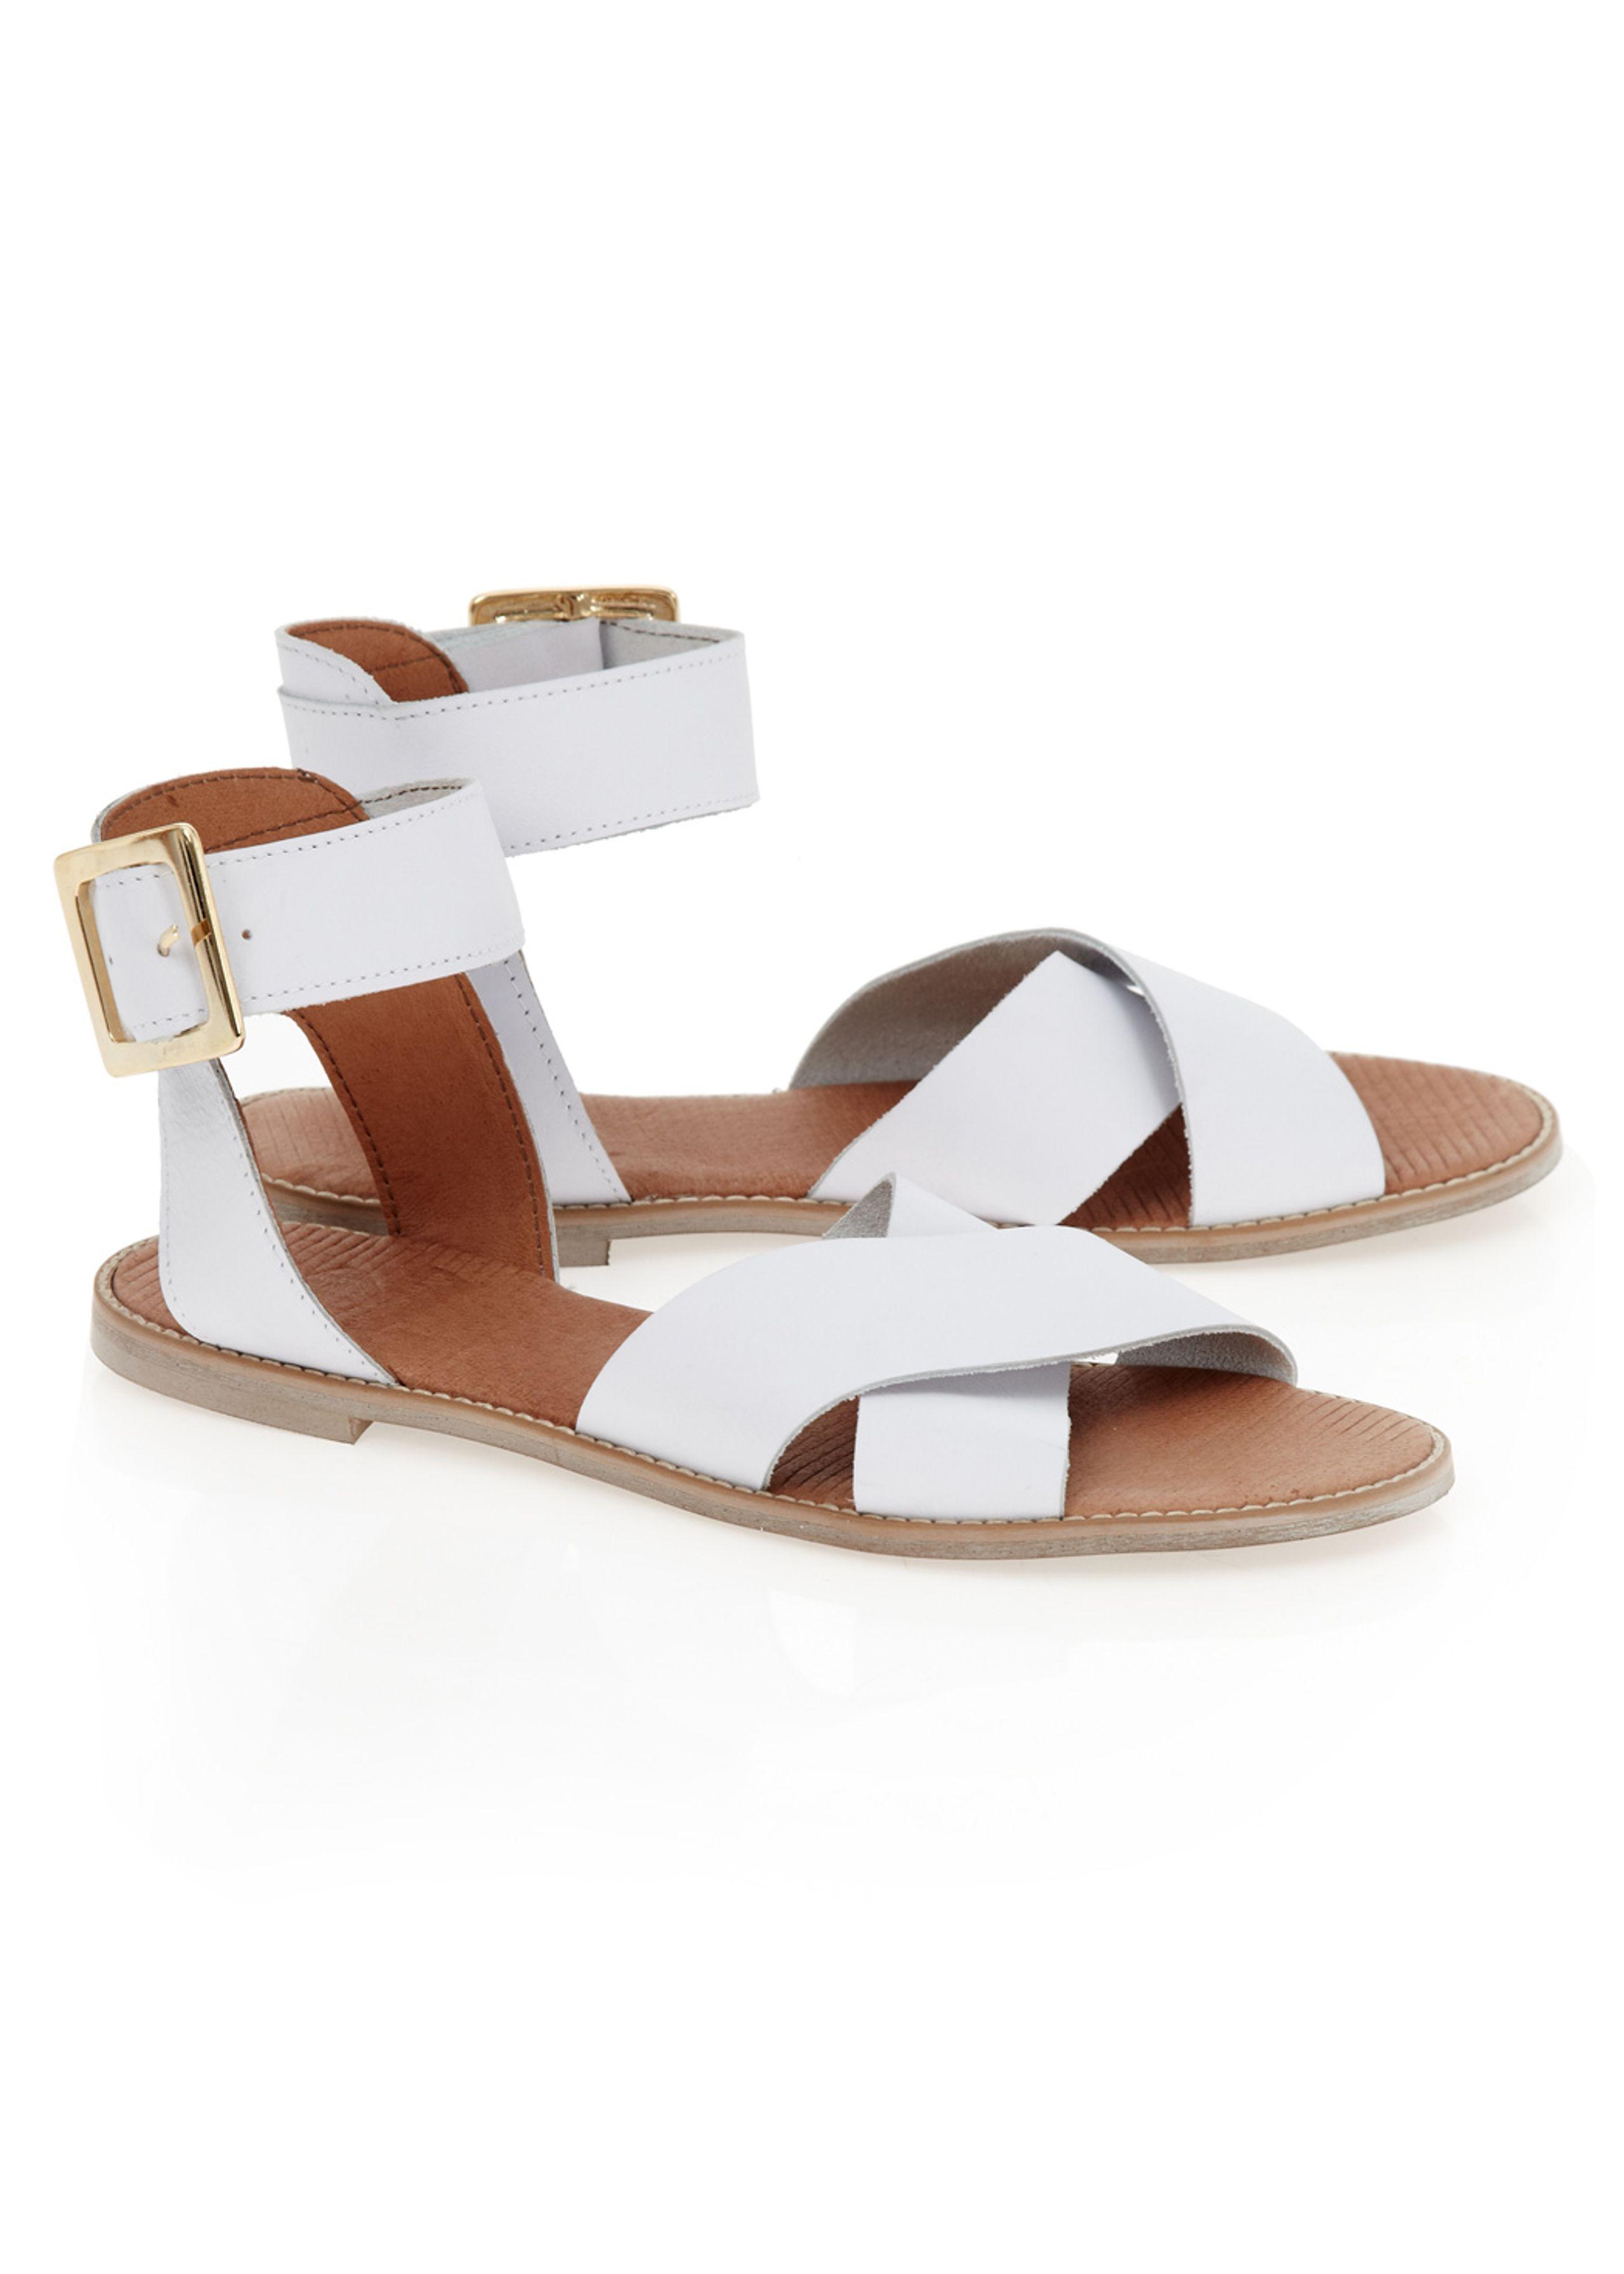 Sandal/two